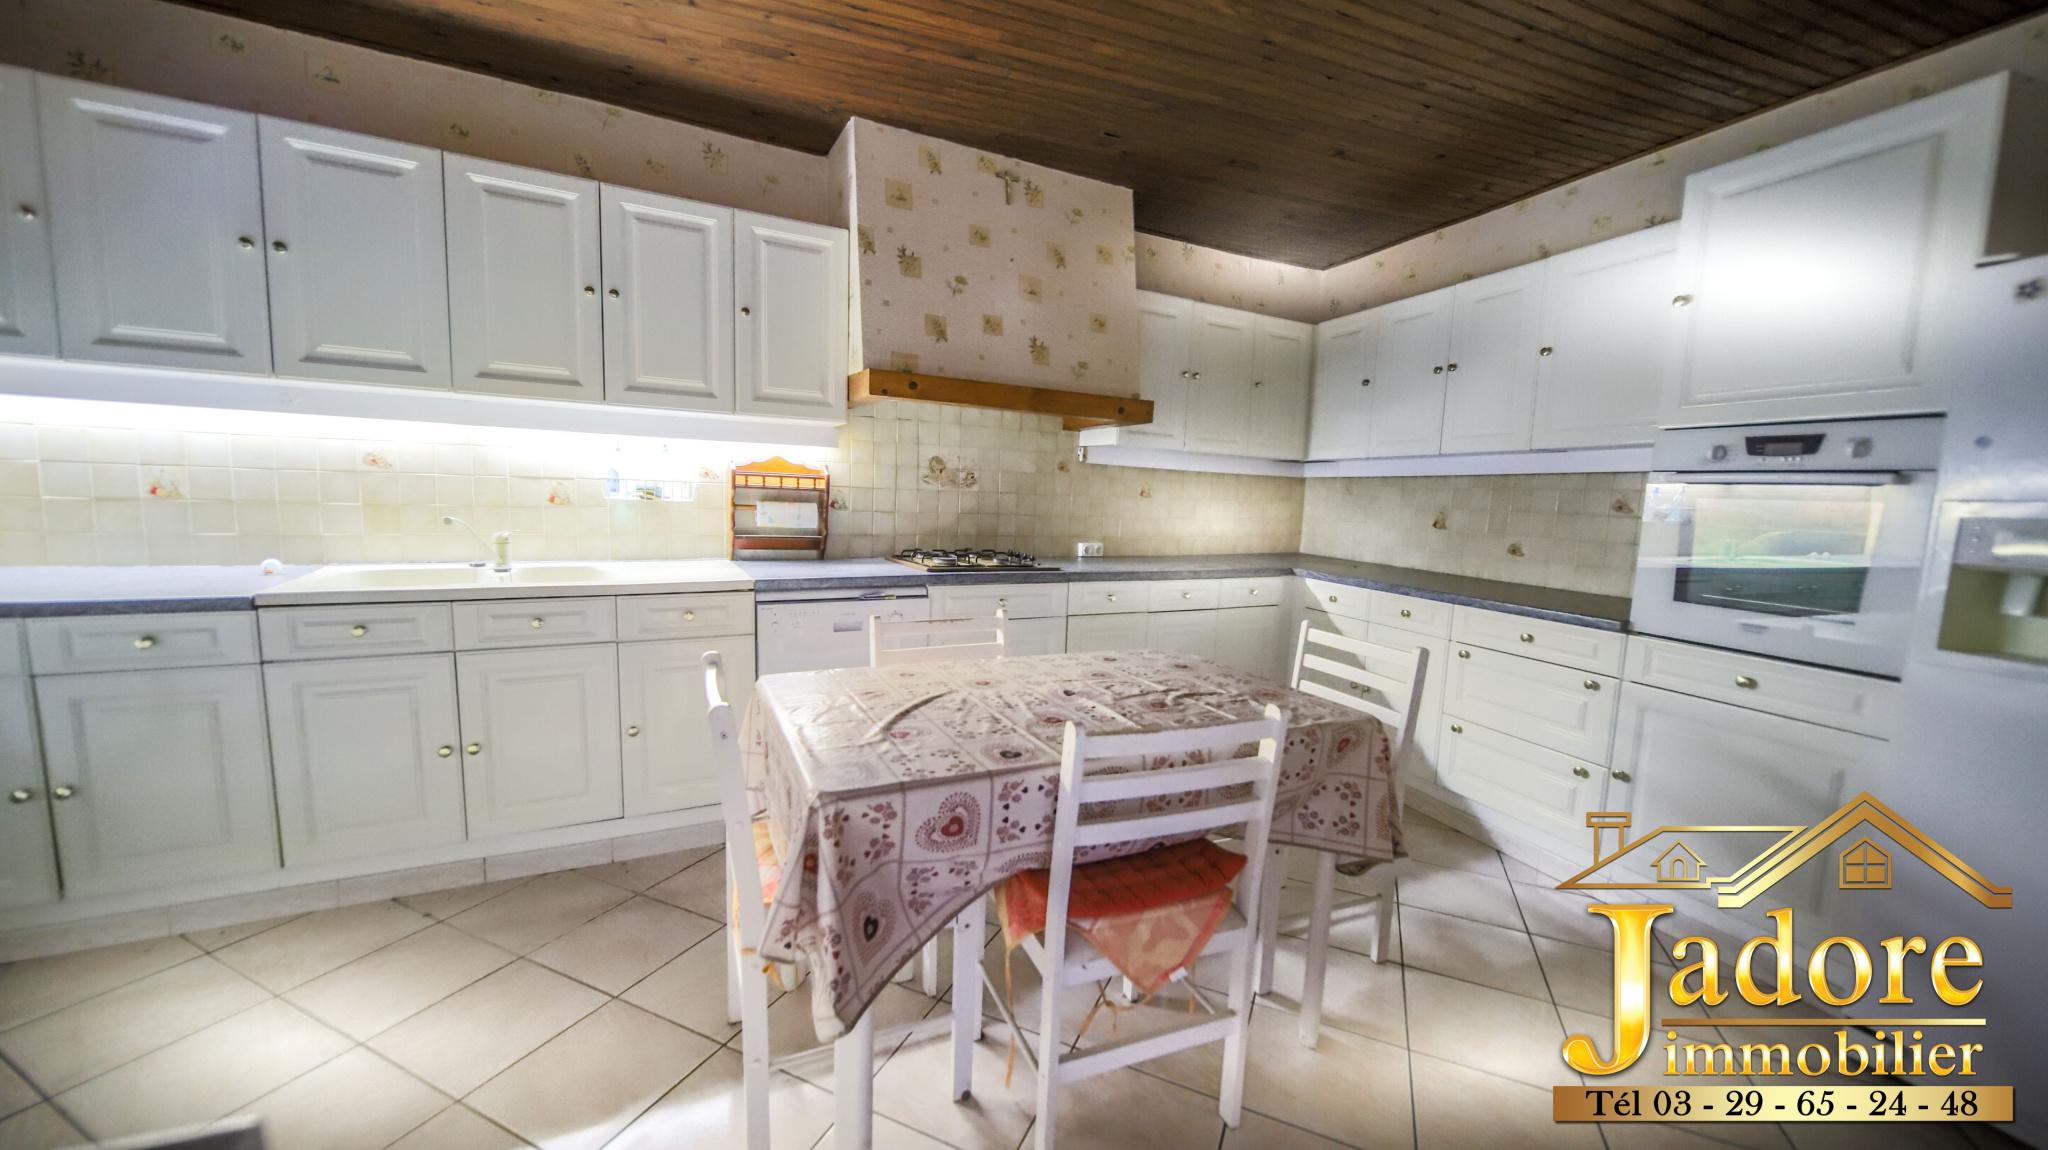 maison/villa à vendre jeuxey